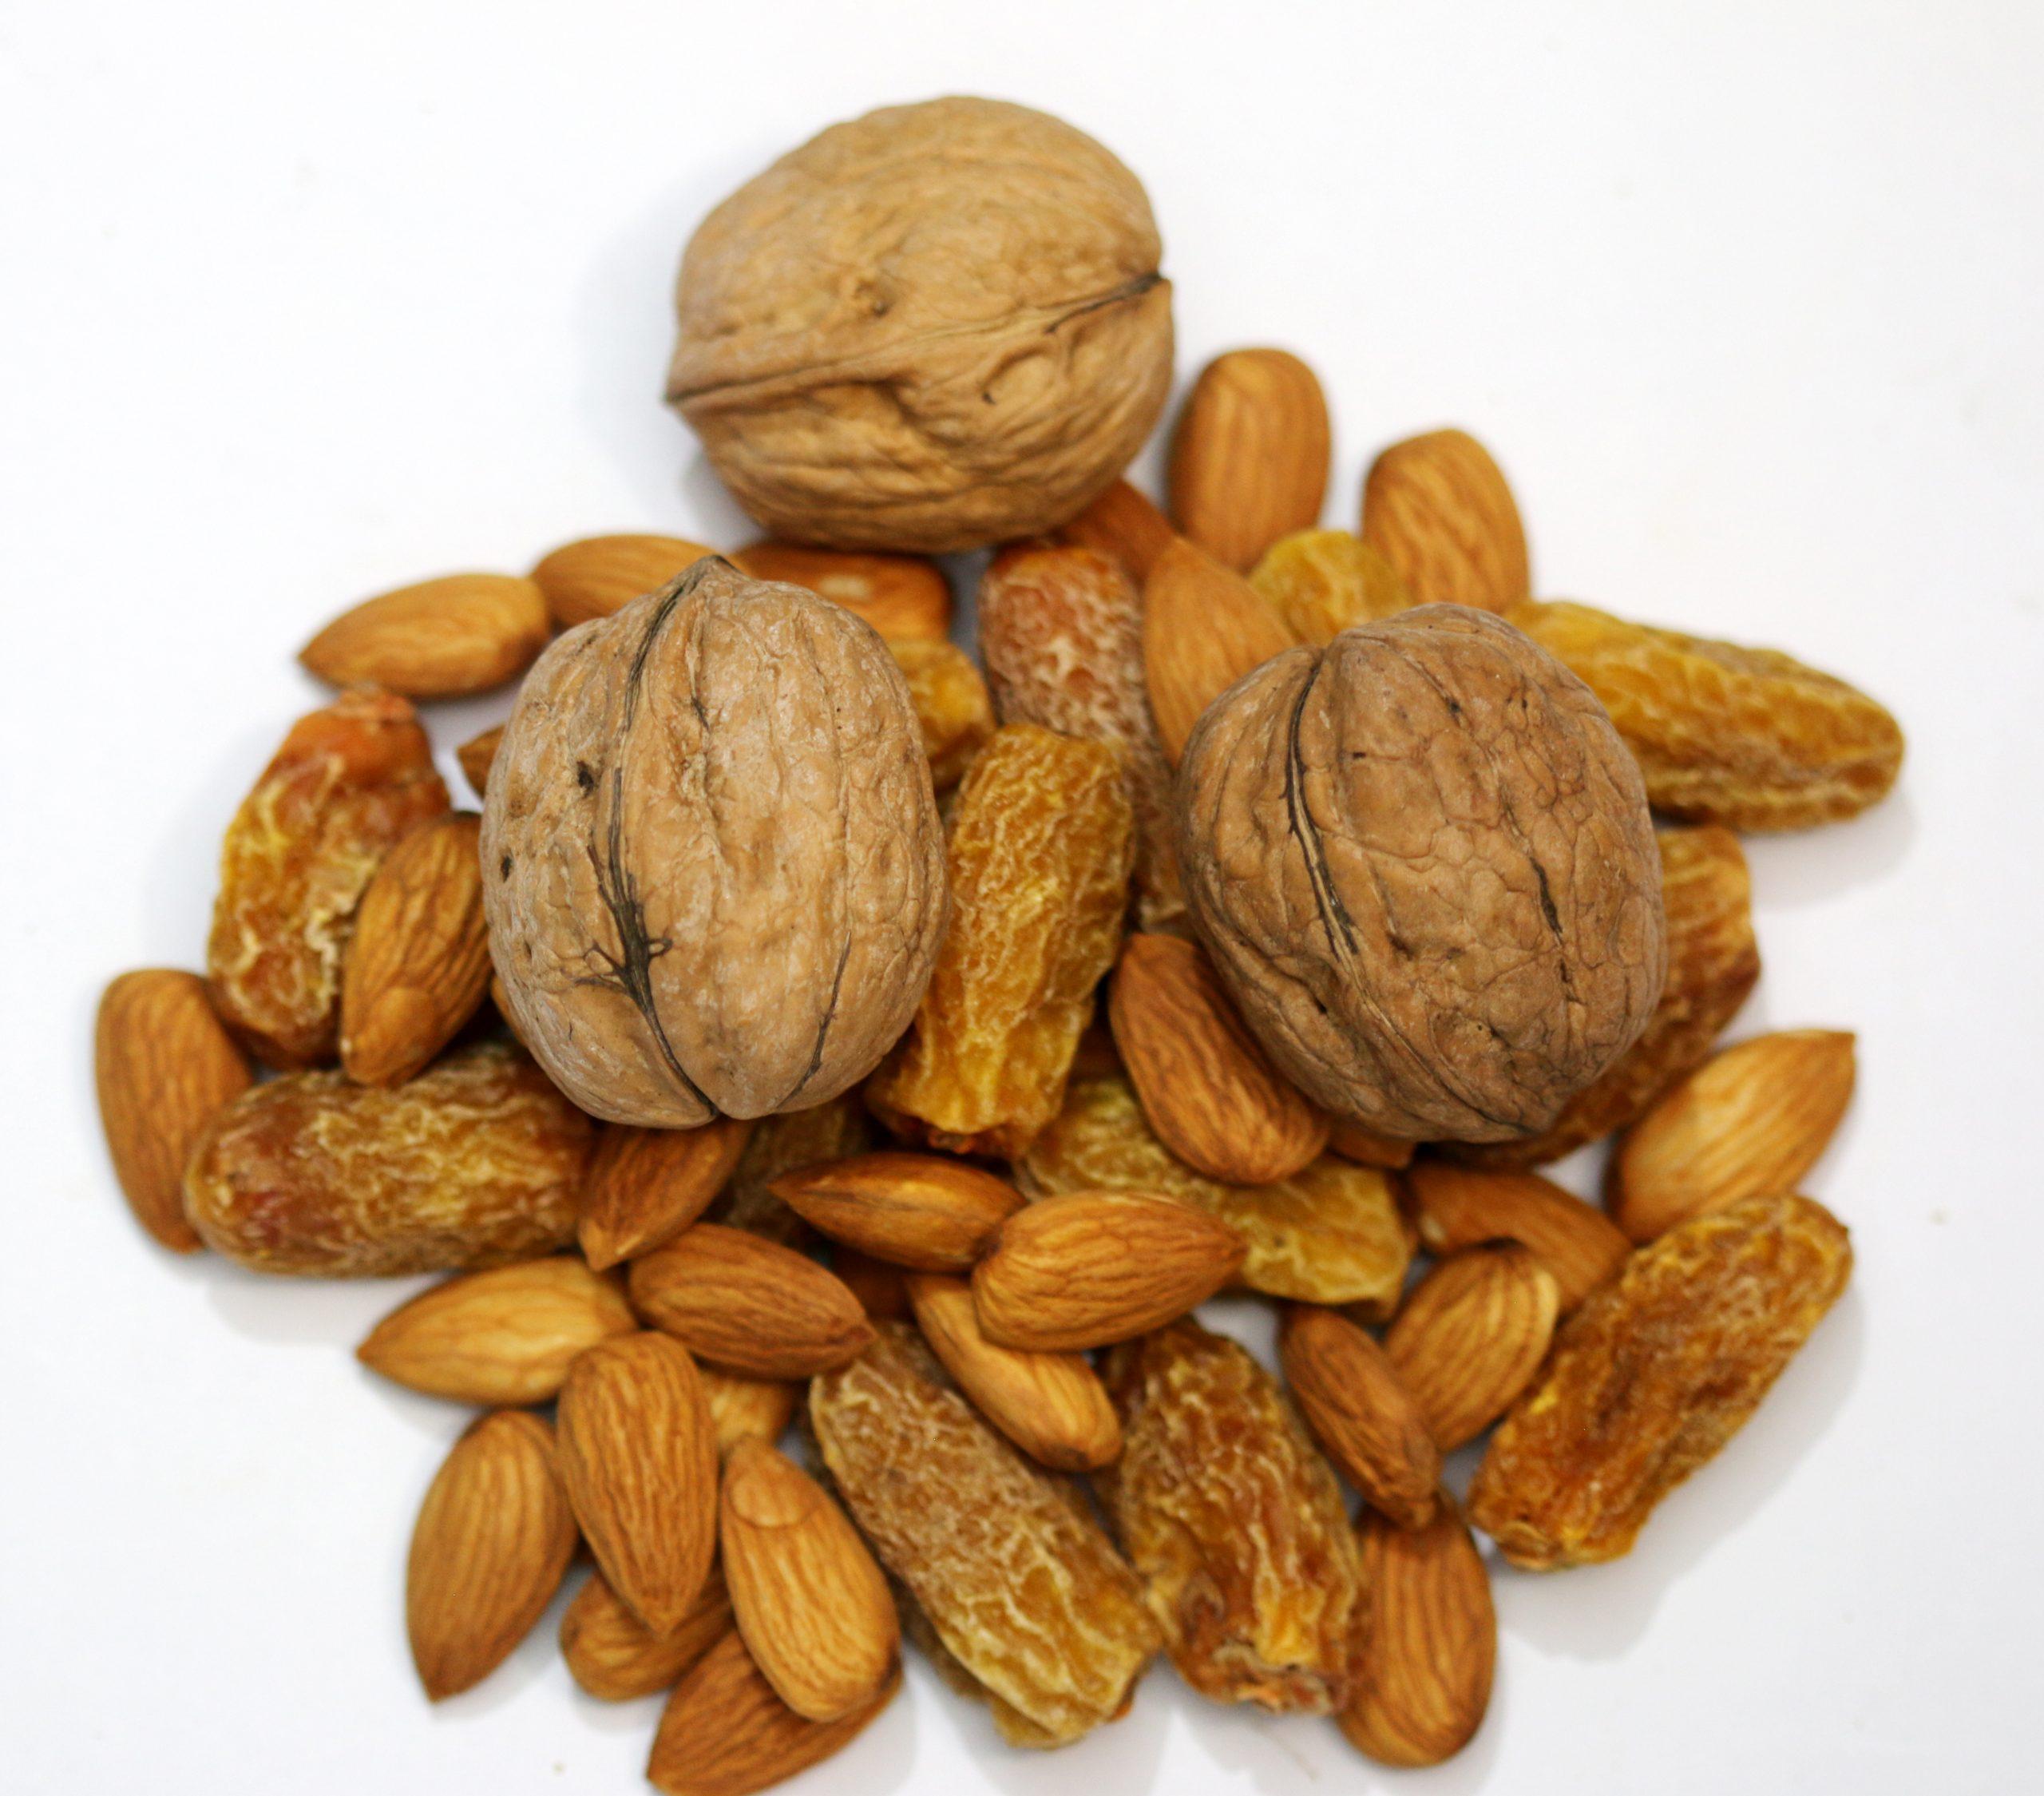 Walnut, dates and almonds